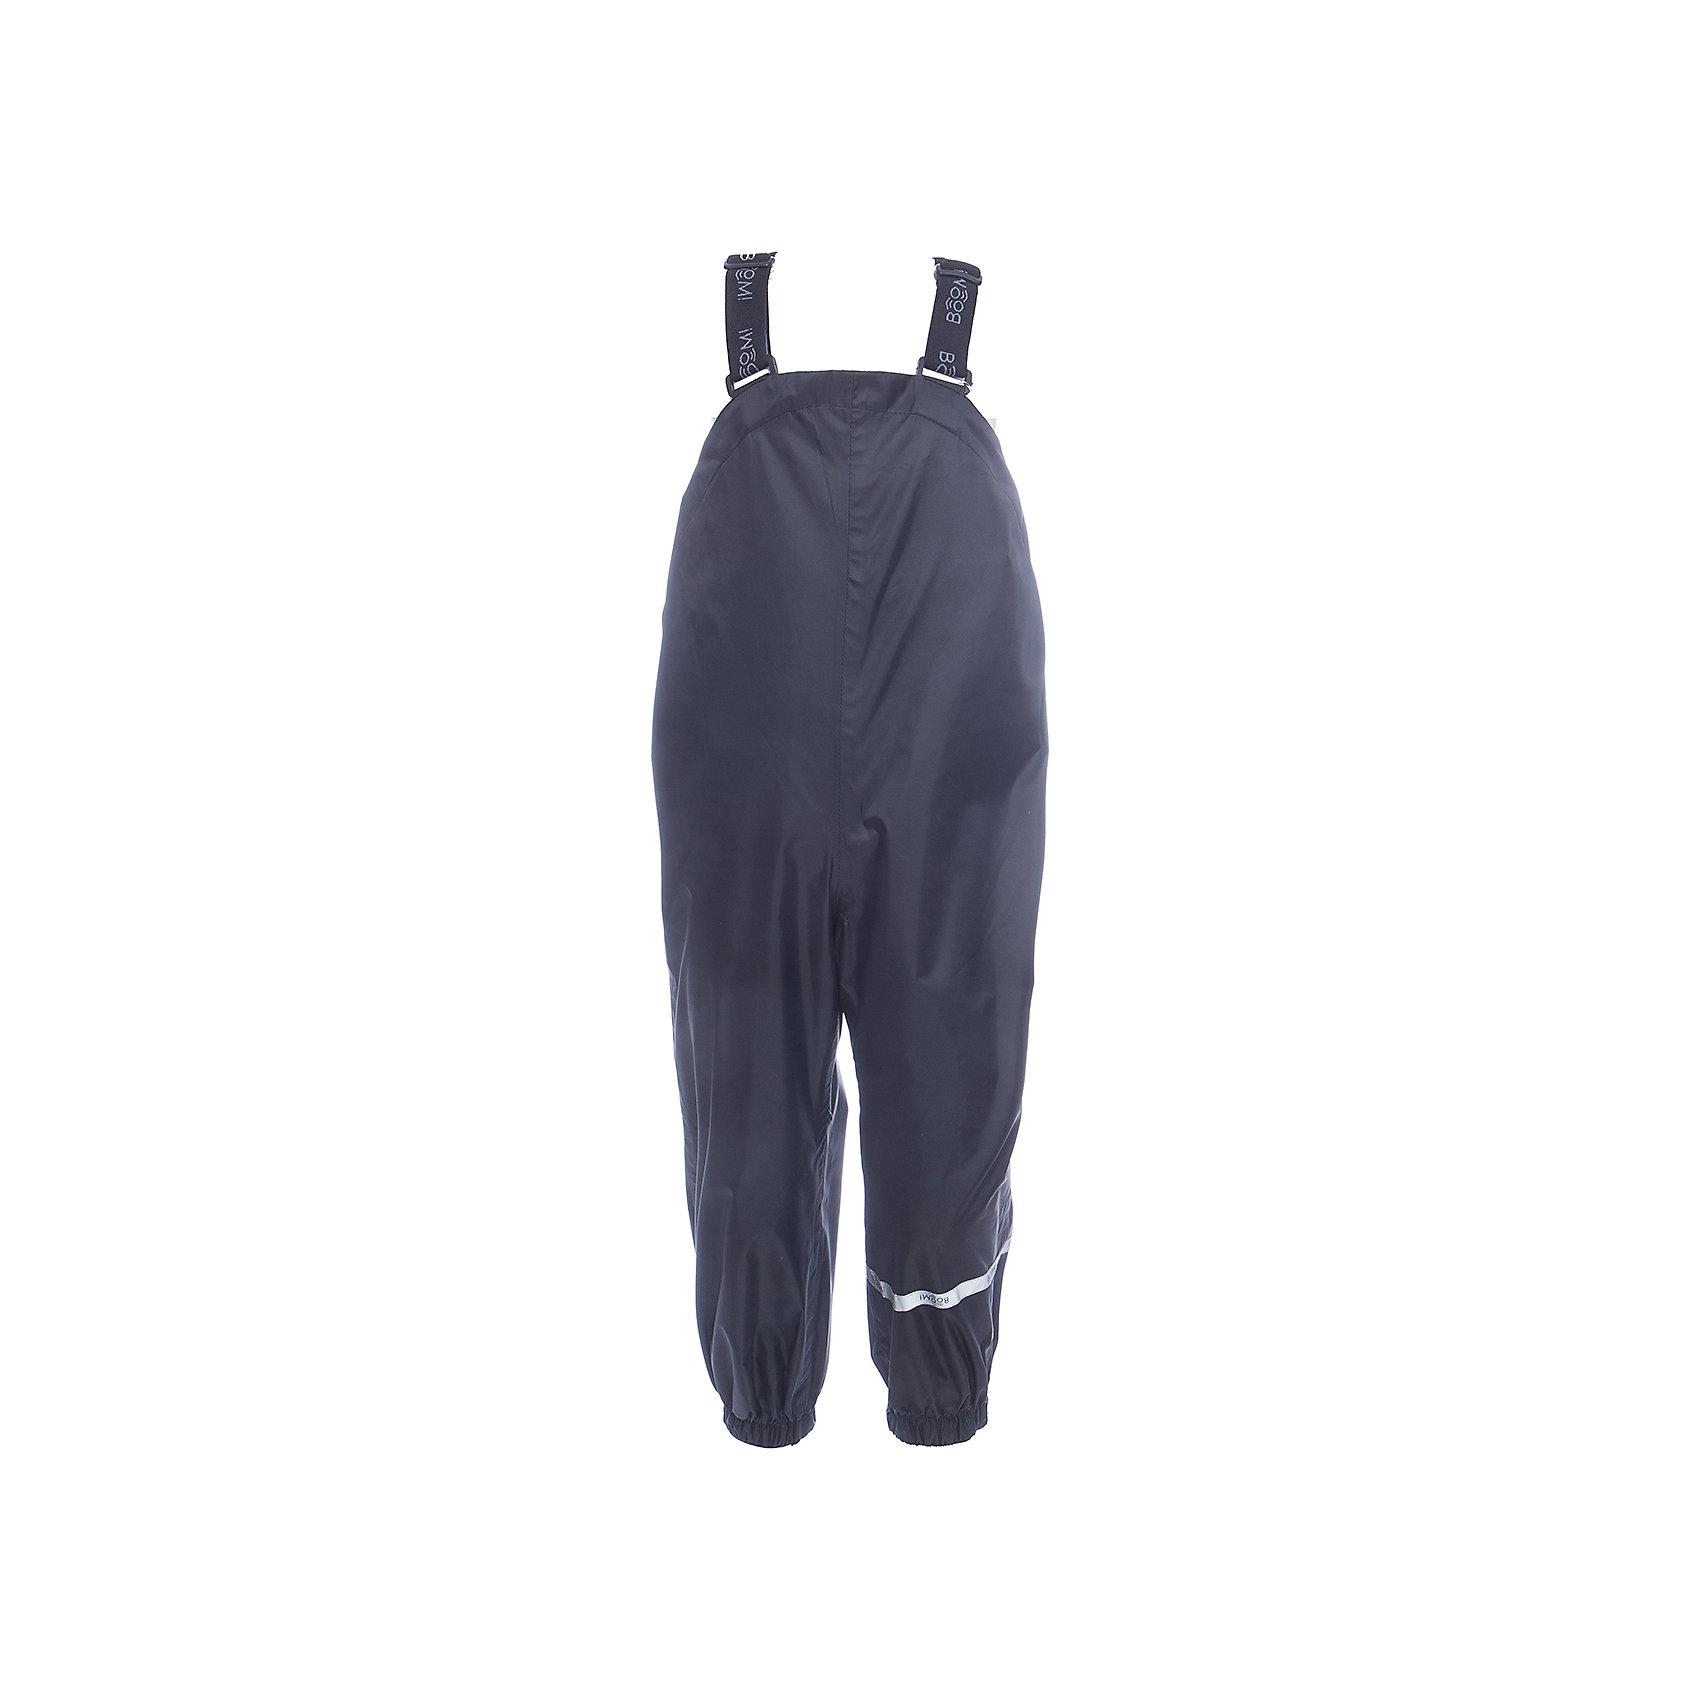 Брюки BOOM by OrbyВерхняя одежда<br>Характеристики товара:<br><br>• цвет: черный<br>• ткань верха: Нейлон с мембранным покрытием 3000х3000<br>• без утеплителя<br>• сезон: демисезон<br>• температурный режим: от +5° до +15°С<br>• особенности одежды: на регулируемых лямках<br>• тип брюк: с завышенной грудкой <br>• застежки: кнопки<br>• страна бренда: Россия<br>• страна изготовитель: Россия<br><br>Демисезонные брюки на регулируемых подтяжках отлично подходят для ношения в демисезон. Такие брюки для мальчика стильно смотрятся и удобно сидят. На штанинах есть эластичные резинки.<br><br>Брюки BOOM by Orby для мальчика можно купить в нашем интернет-магазине.<br><br>Ширина мм: 215<br>Глубина мм: 88<br>Высота мм: 191<br>Вес г: 336<br>Цвет: черный<br>Возраст от месяцев: 60<br>Возраст до месяцев: 72<br>Пол: Унисекс<br>Возраст: Детский<br>Размер: 116,80,86,104,92,98,110<br>SKU: 7007580